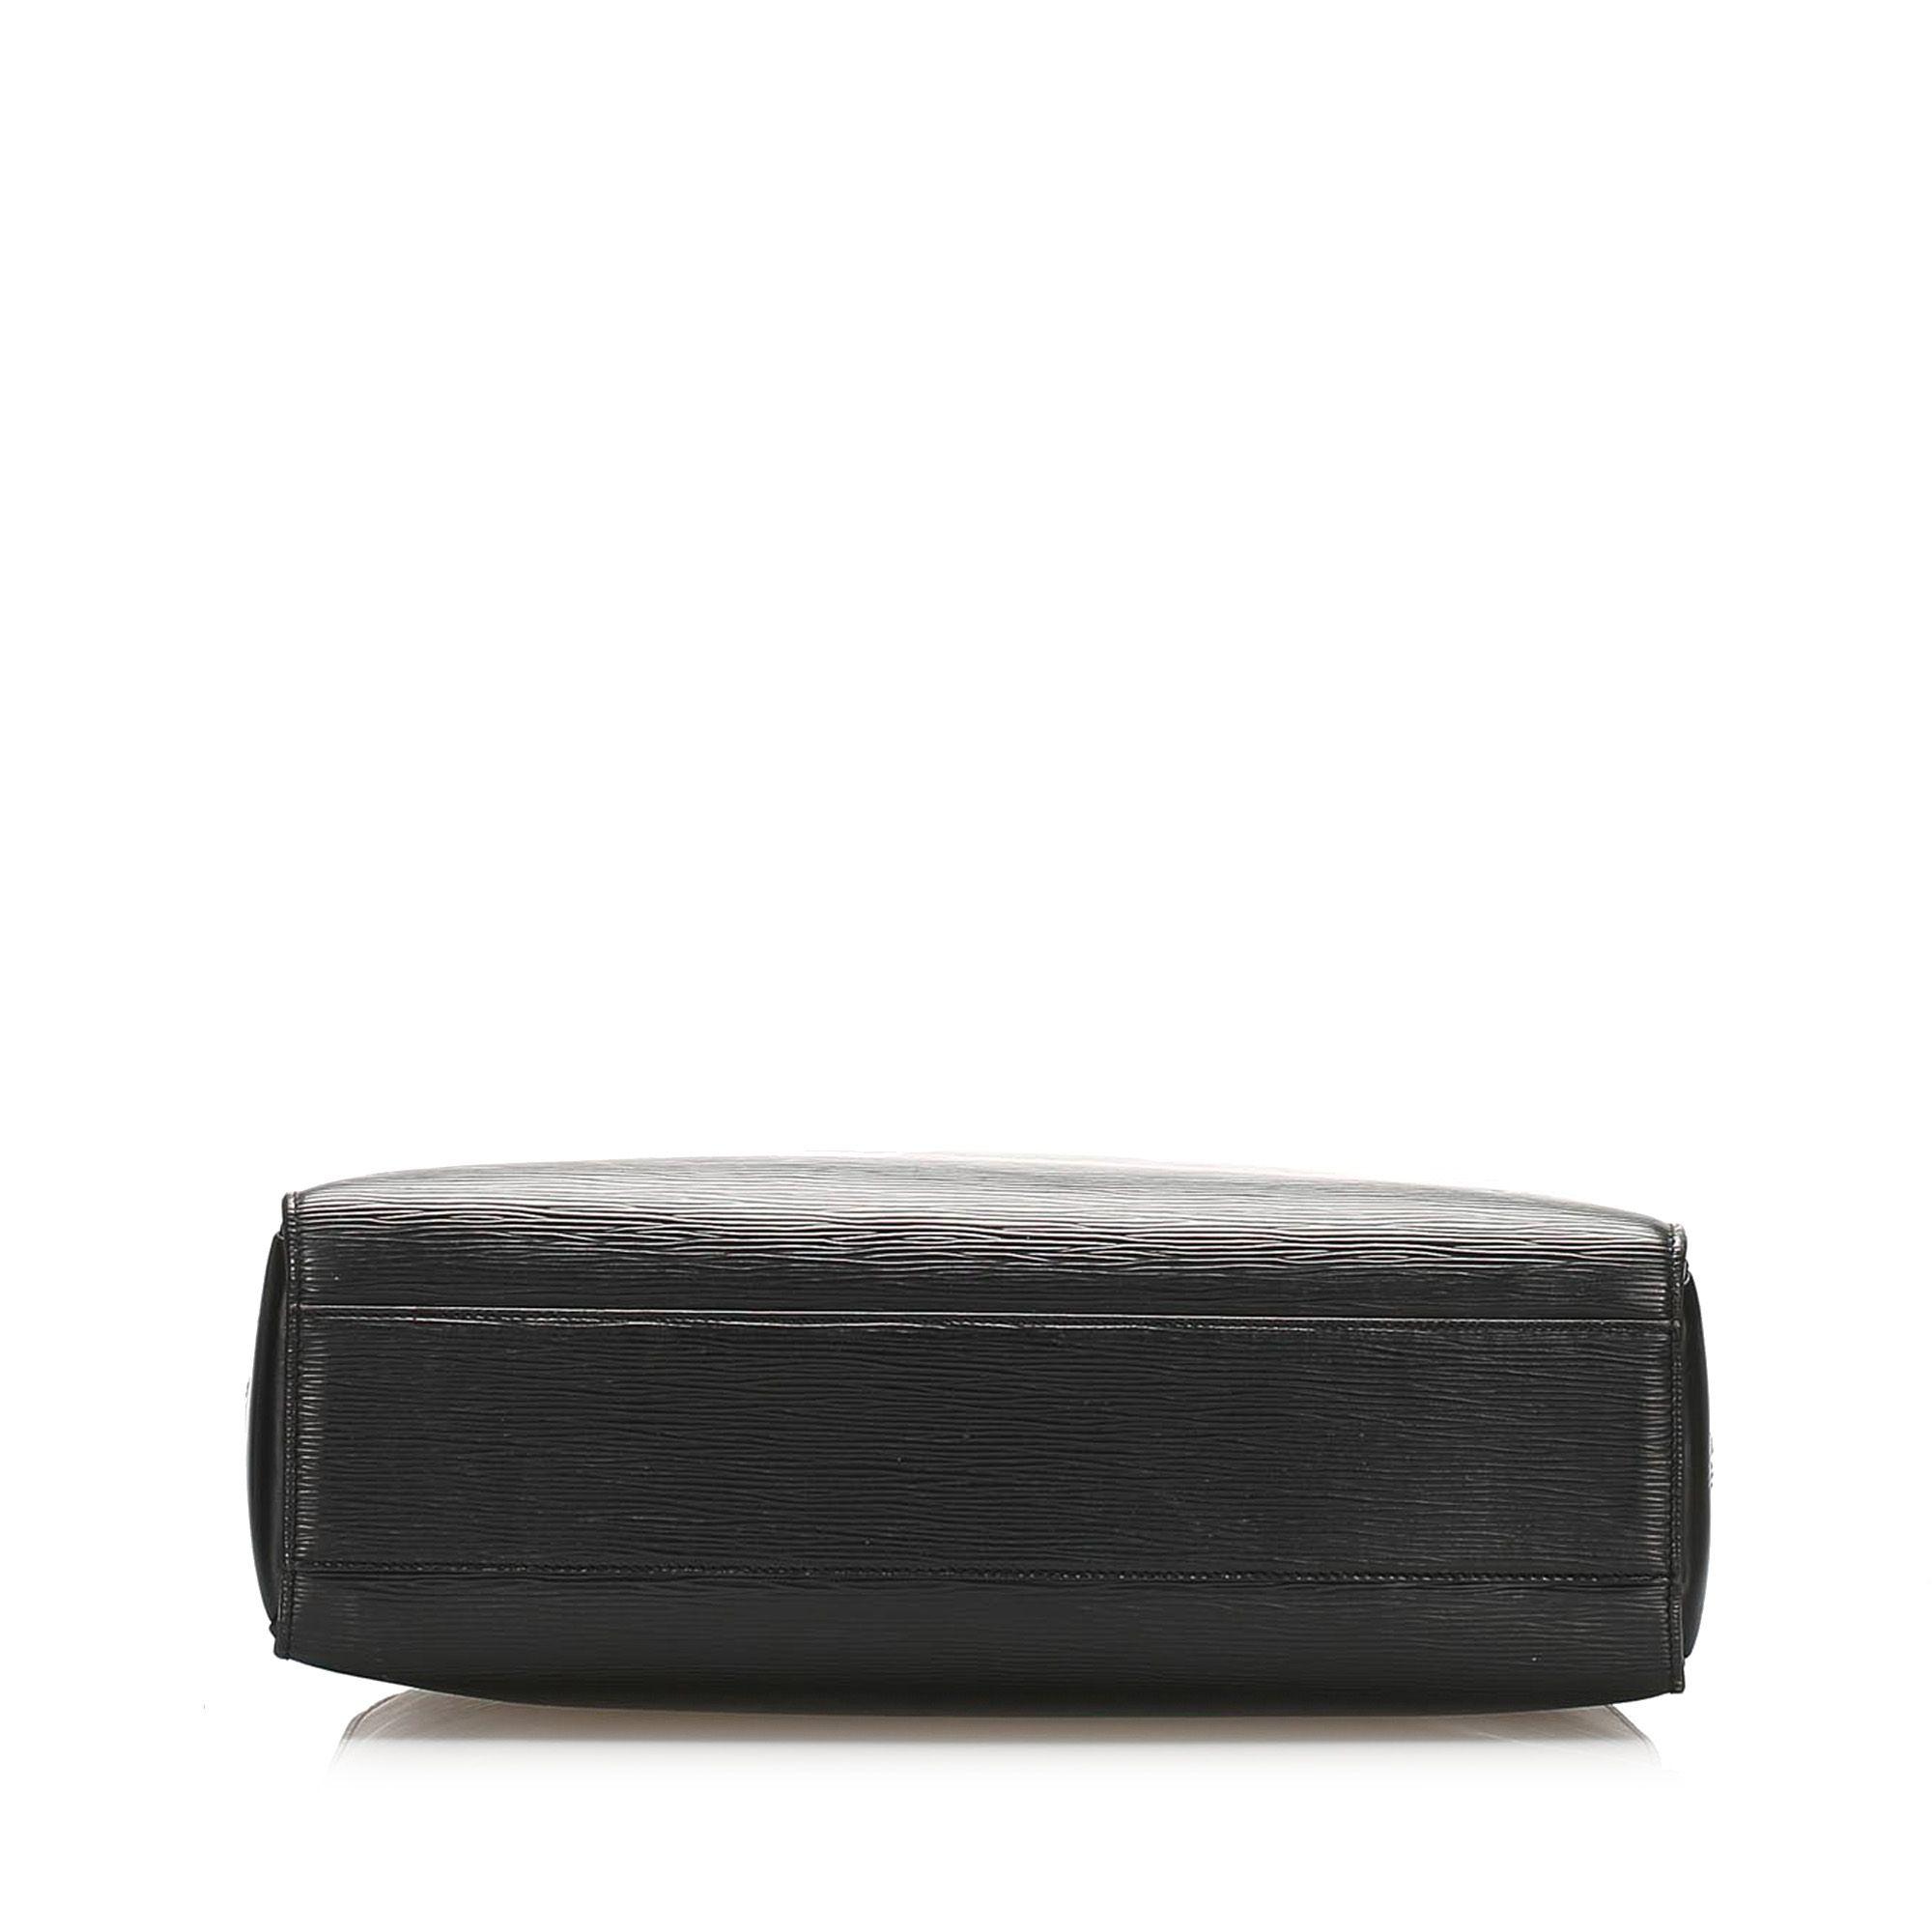 Vintage Louis Vuitton Epi Sorbonne Black